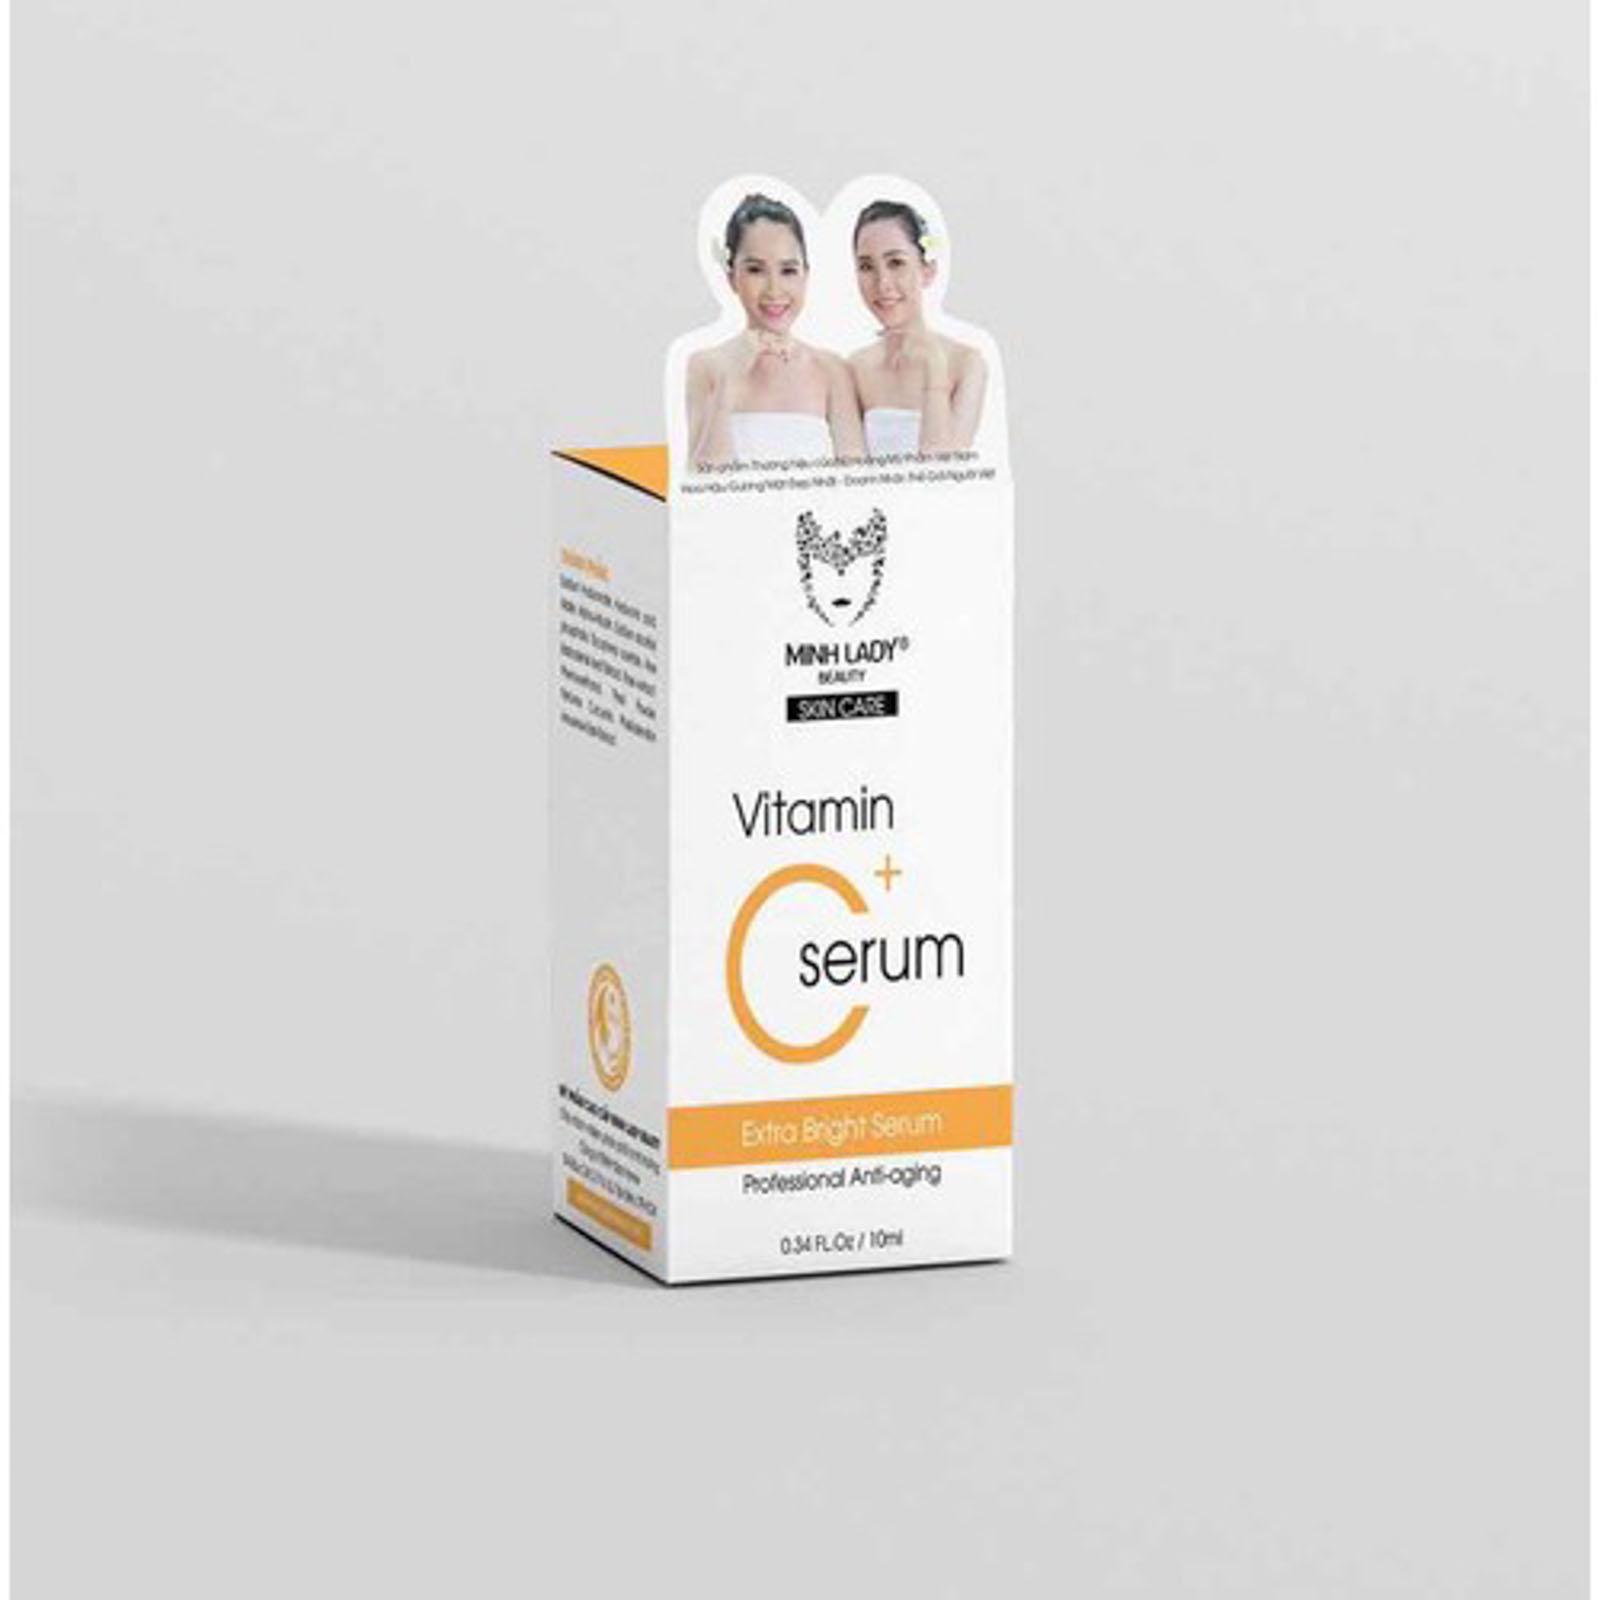 serum vitamin c